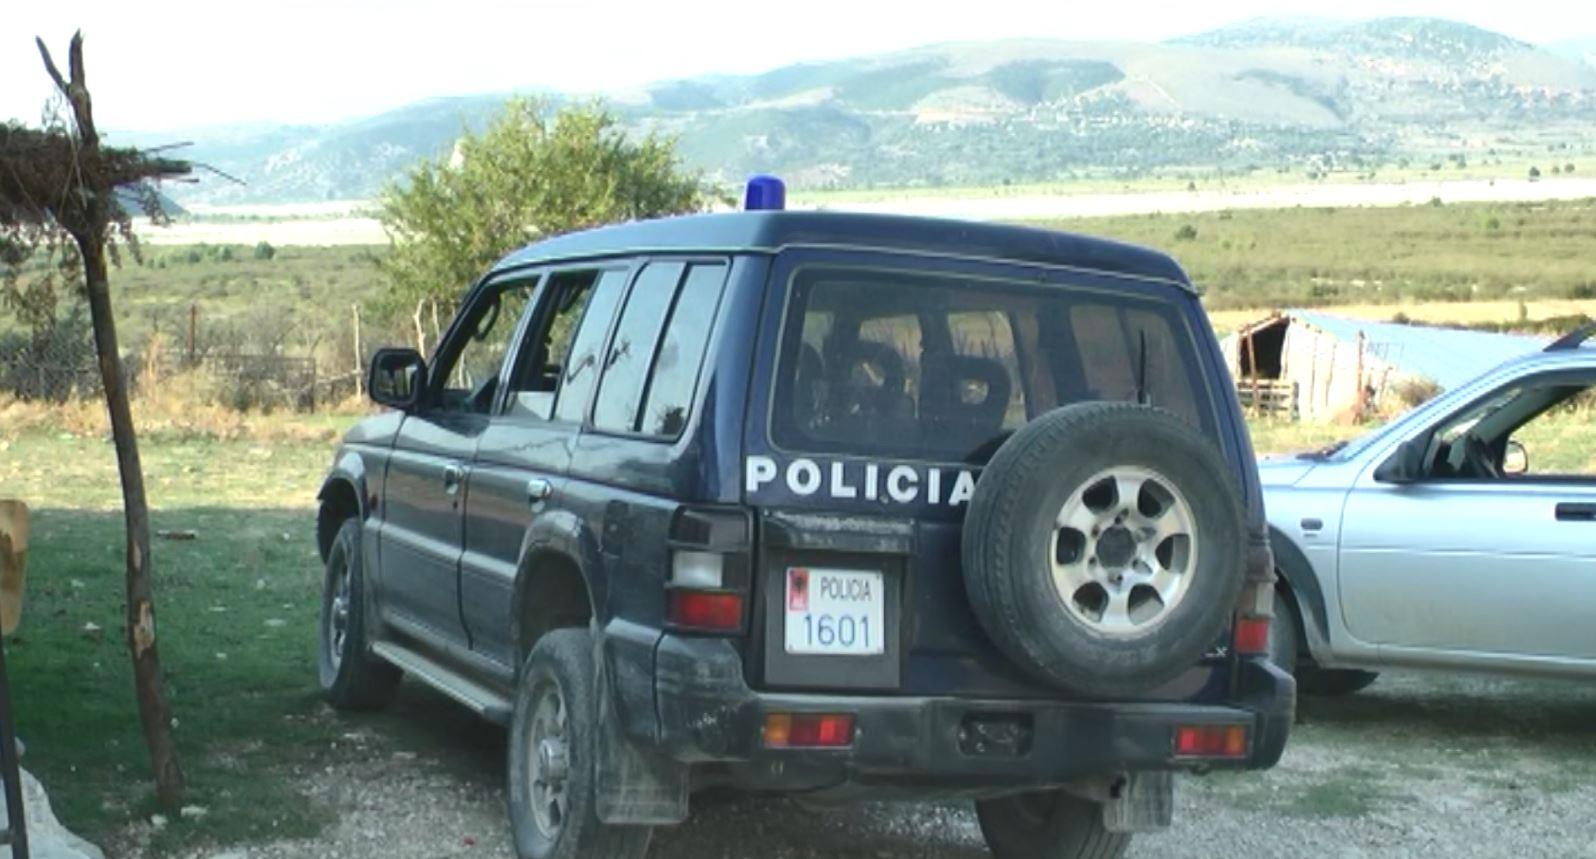 Breshëri plumbash shtëpisë së zyrtarit të Bashkisë në Selenicë (video)